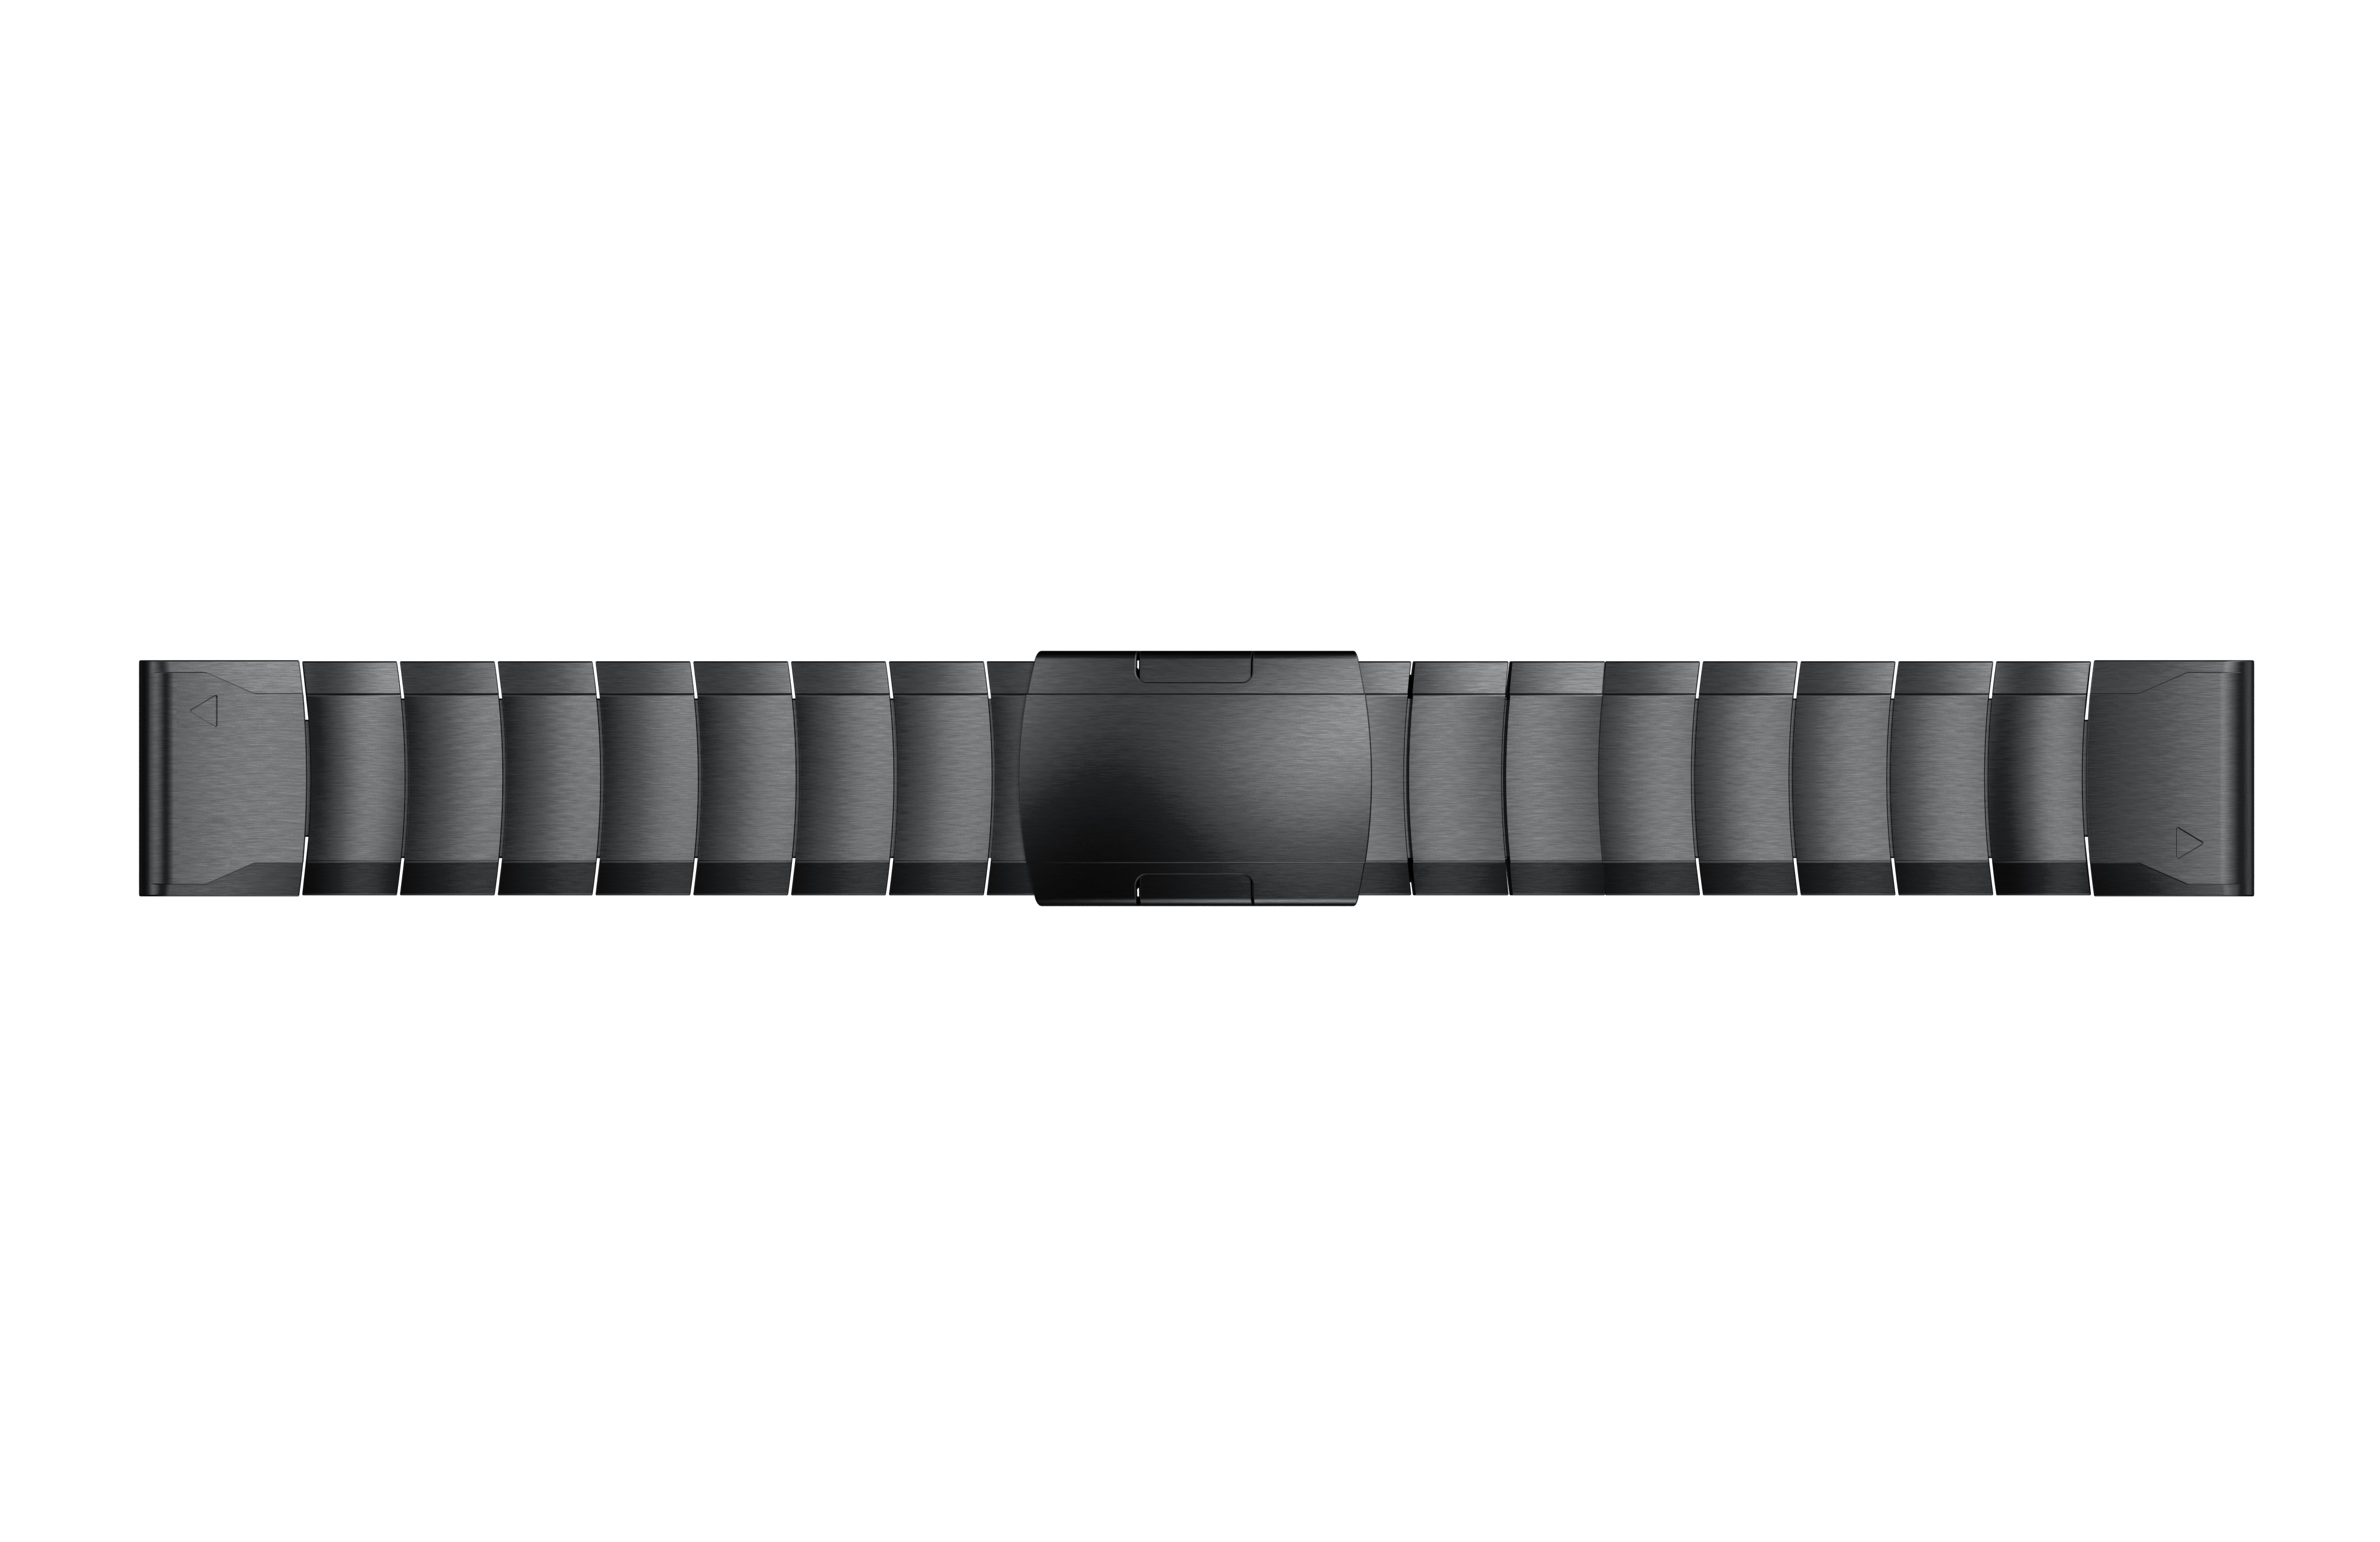 Banda de Aço Inoxidável para Garmin Ligações de Metal com Ferramenta Fenix Plus Forerunner 935 945 Pulseira 22mm 6 – 6pro 5